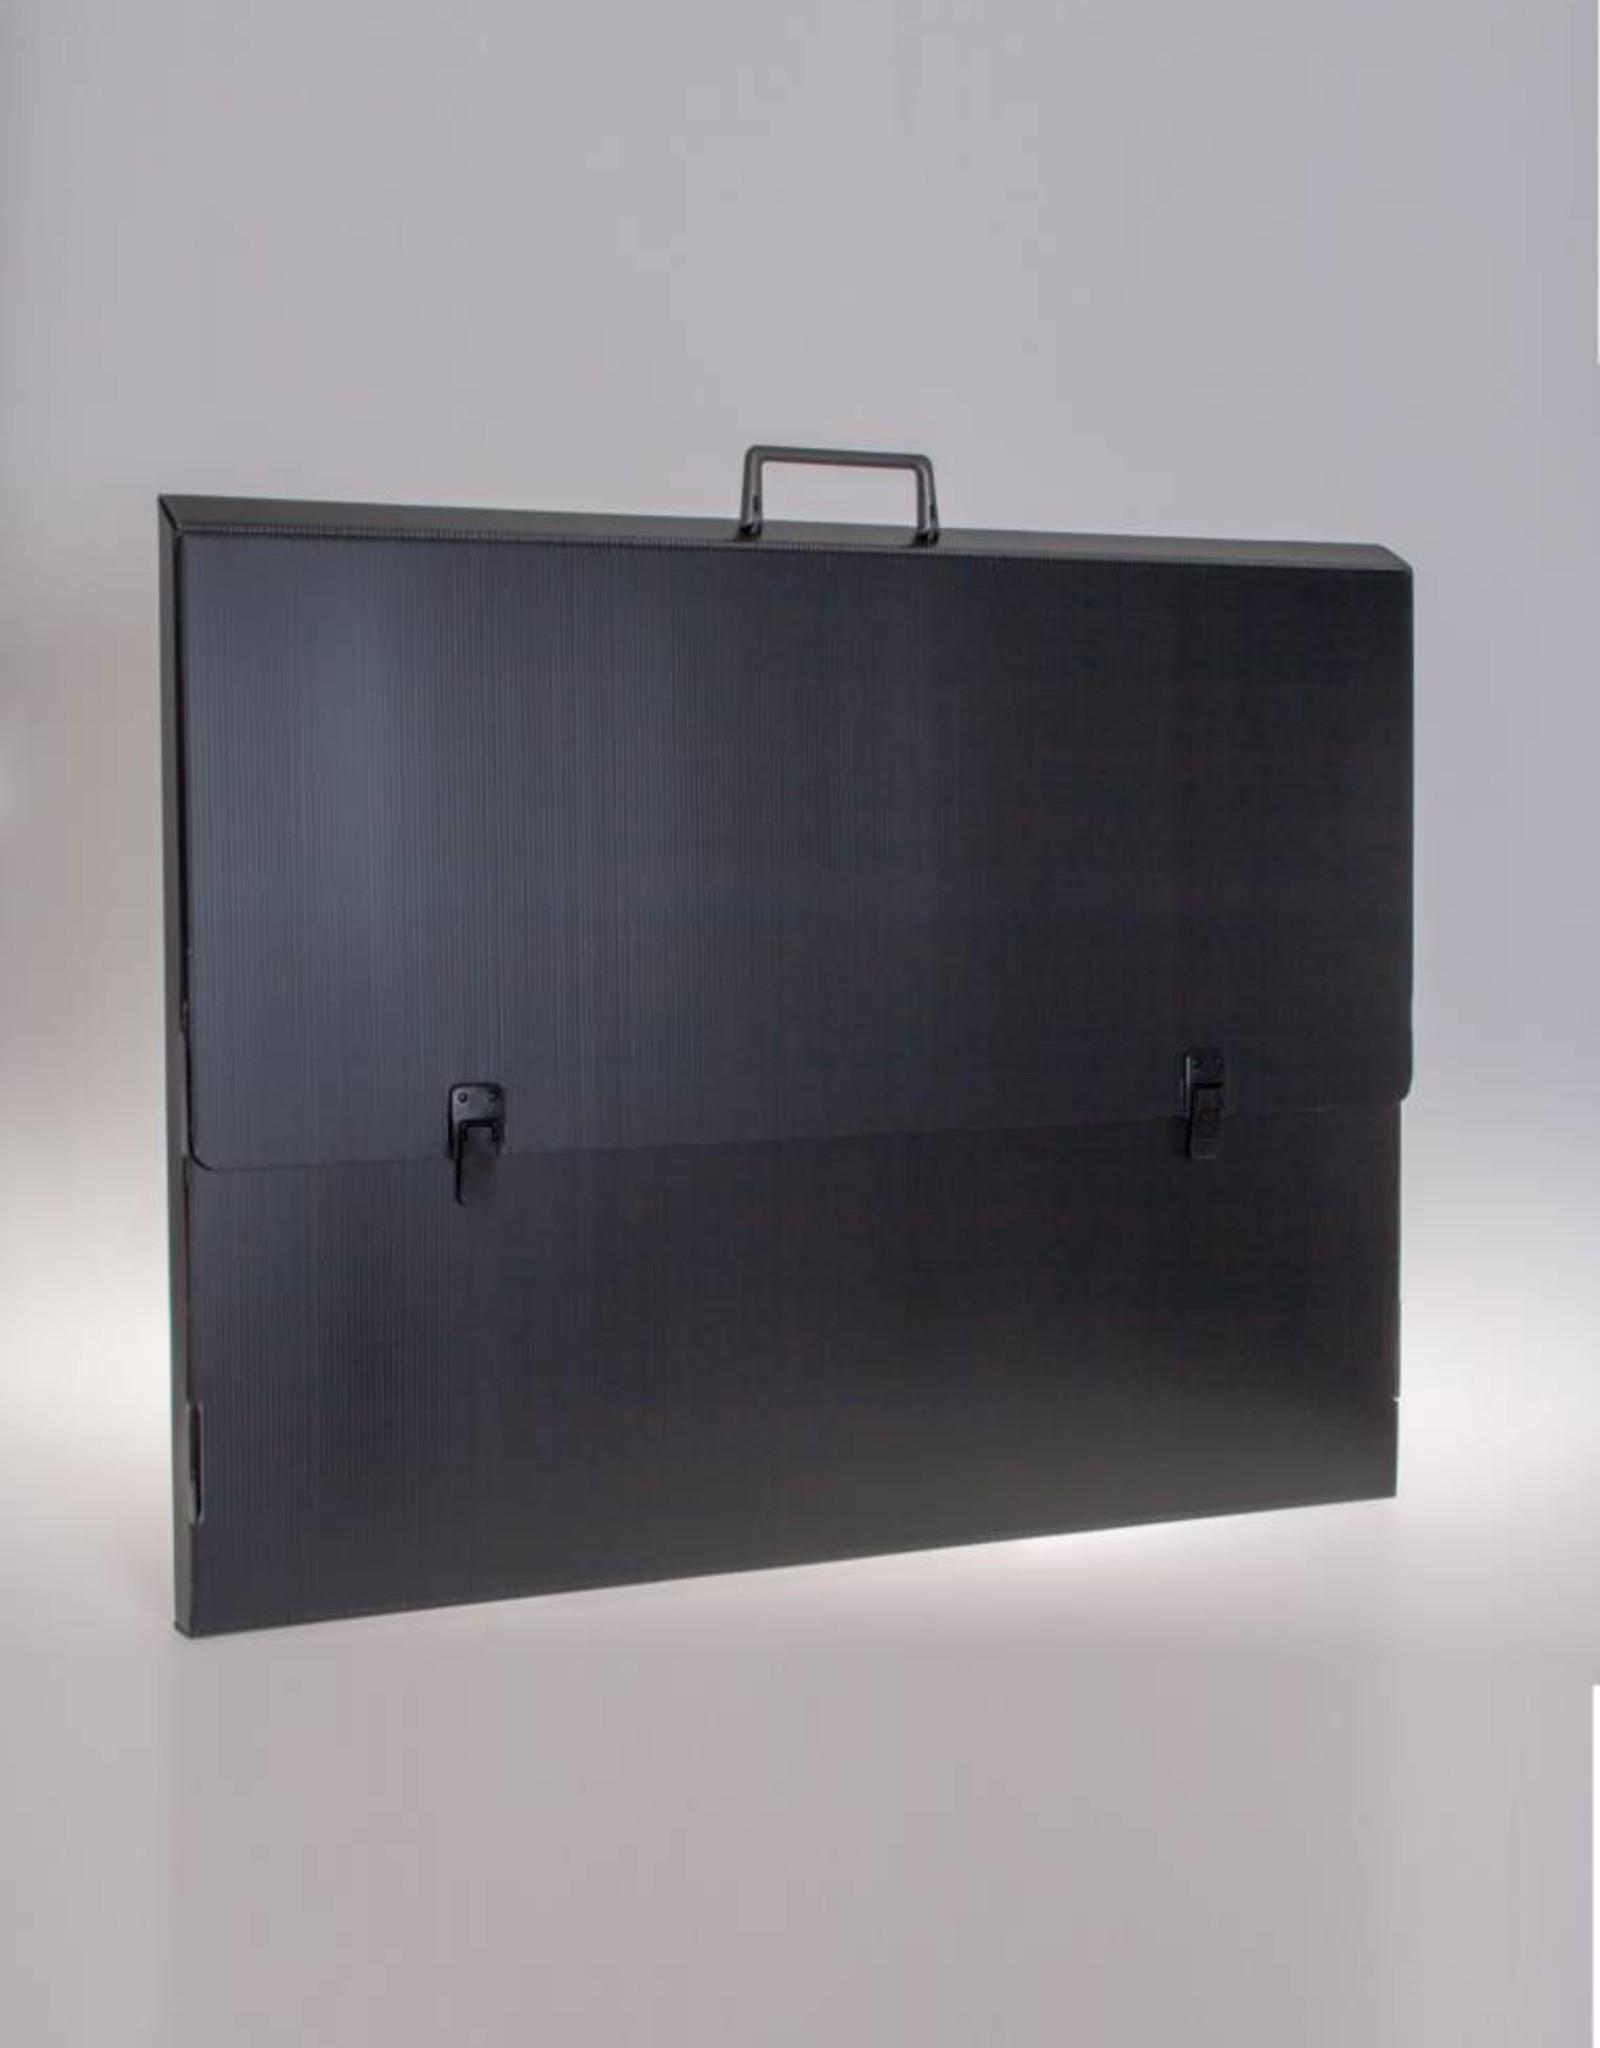 RibbleBox Portfoliocase 57x 75cm